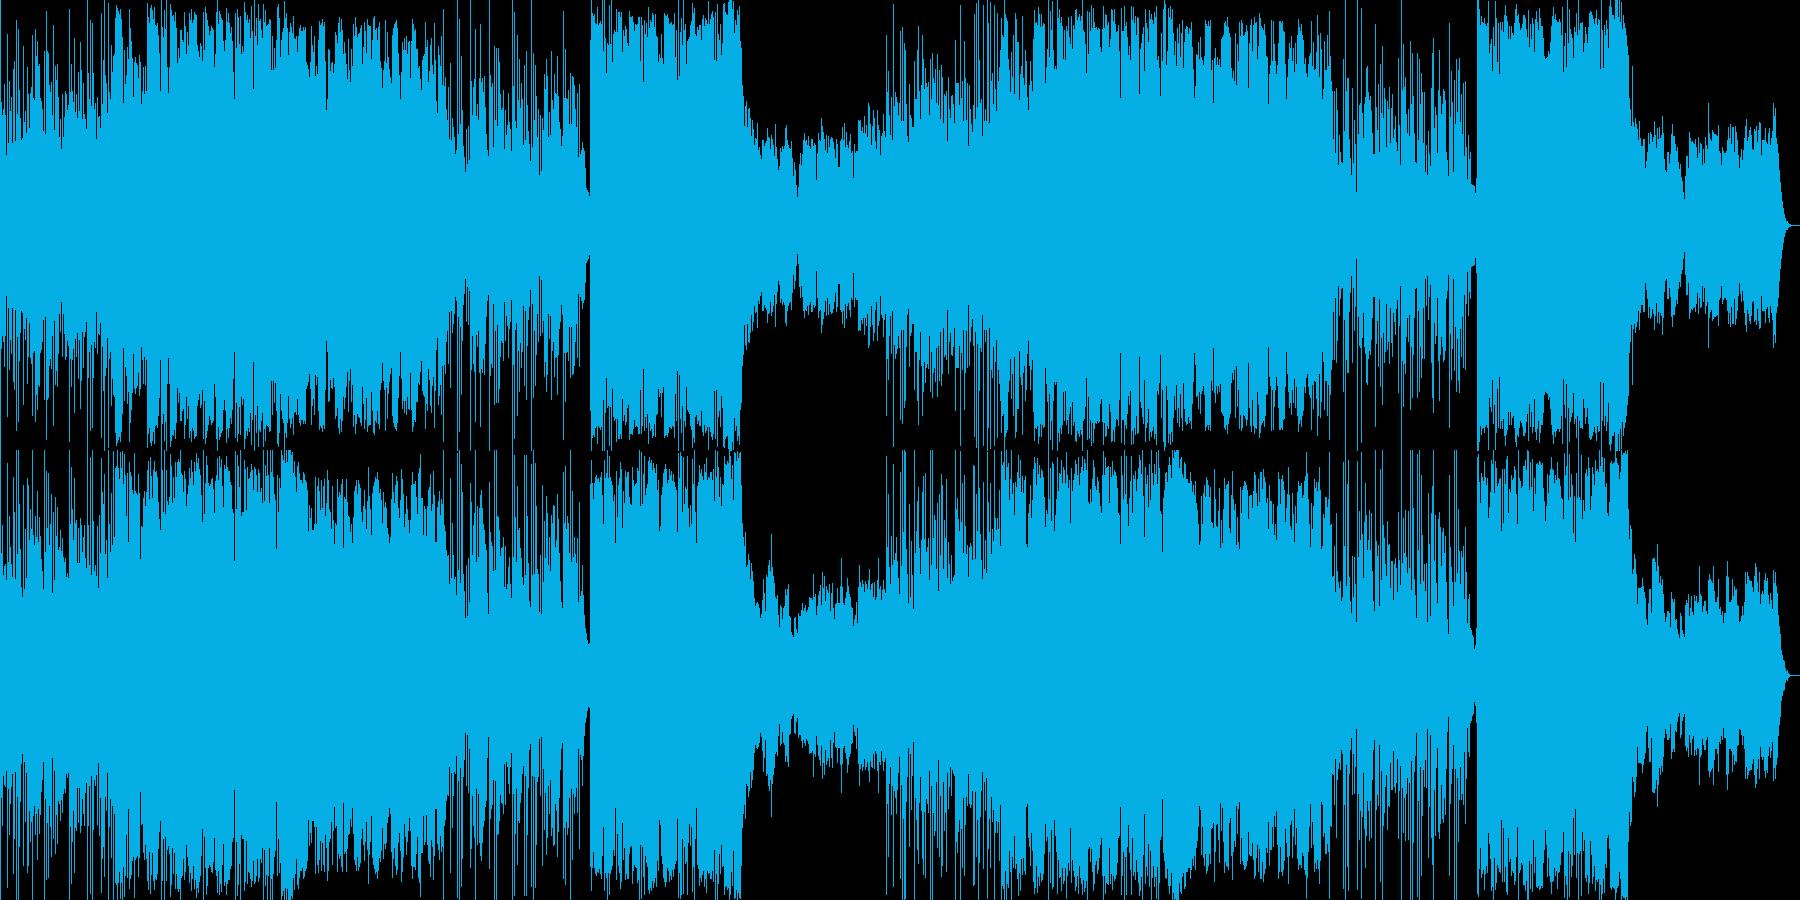 ファンタジーRPGの極東の街などにの再生済みの波形